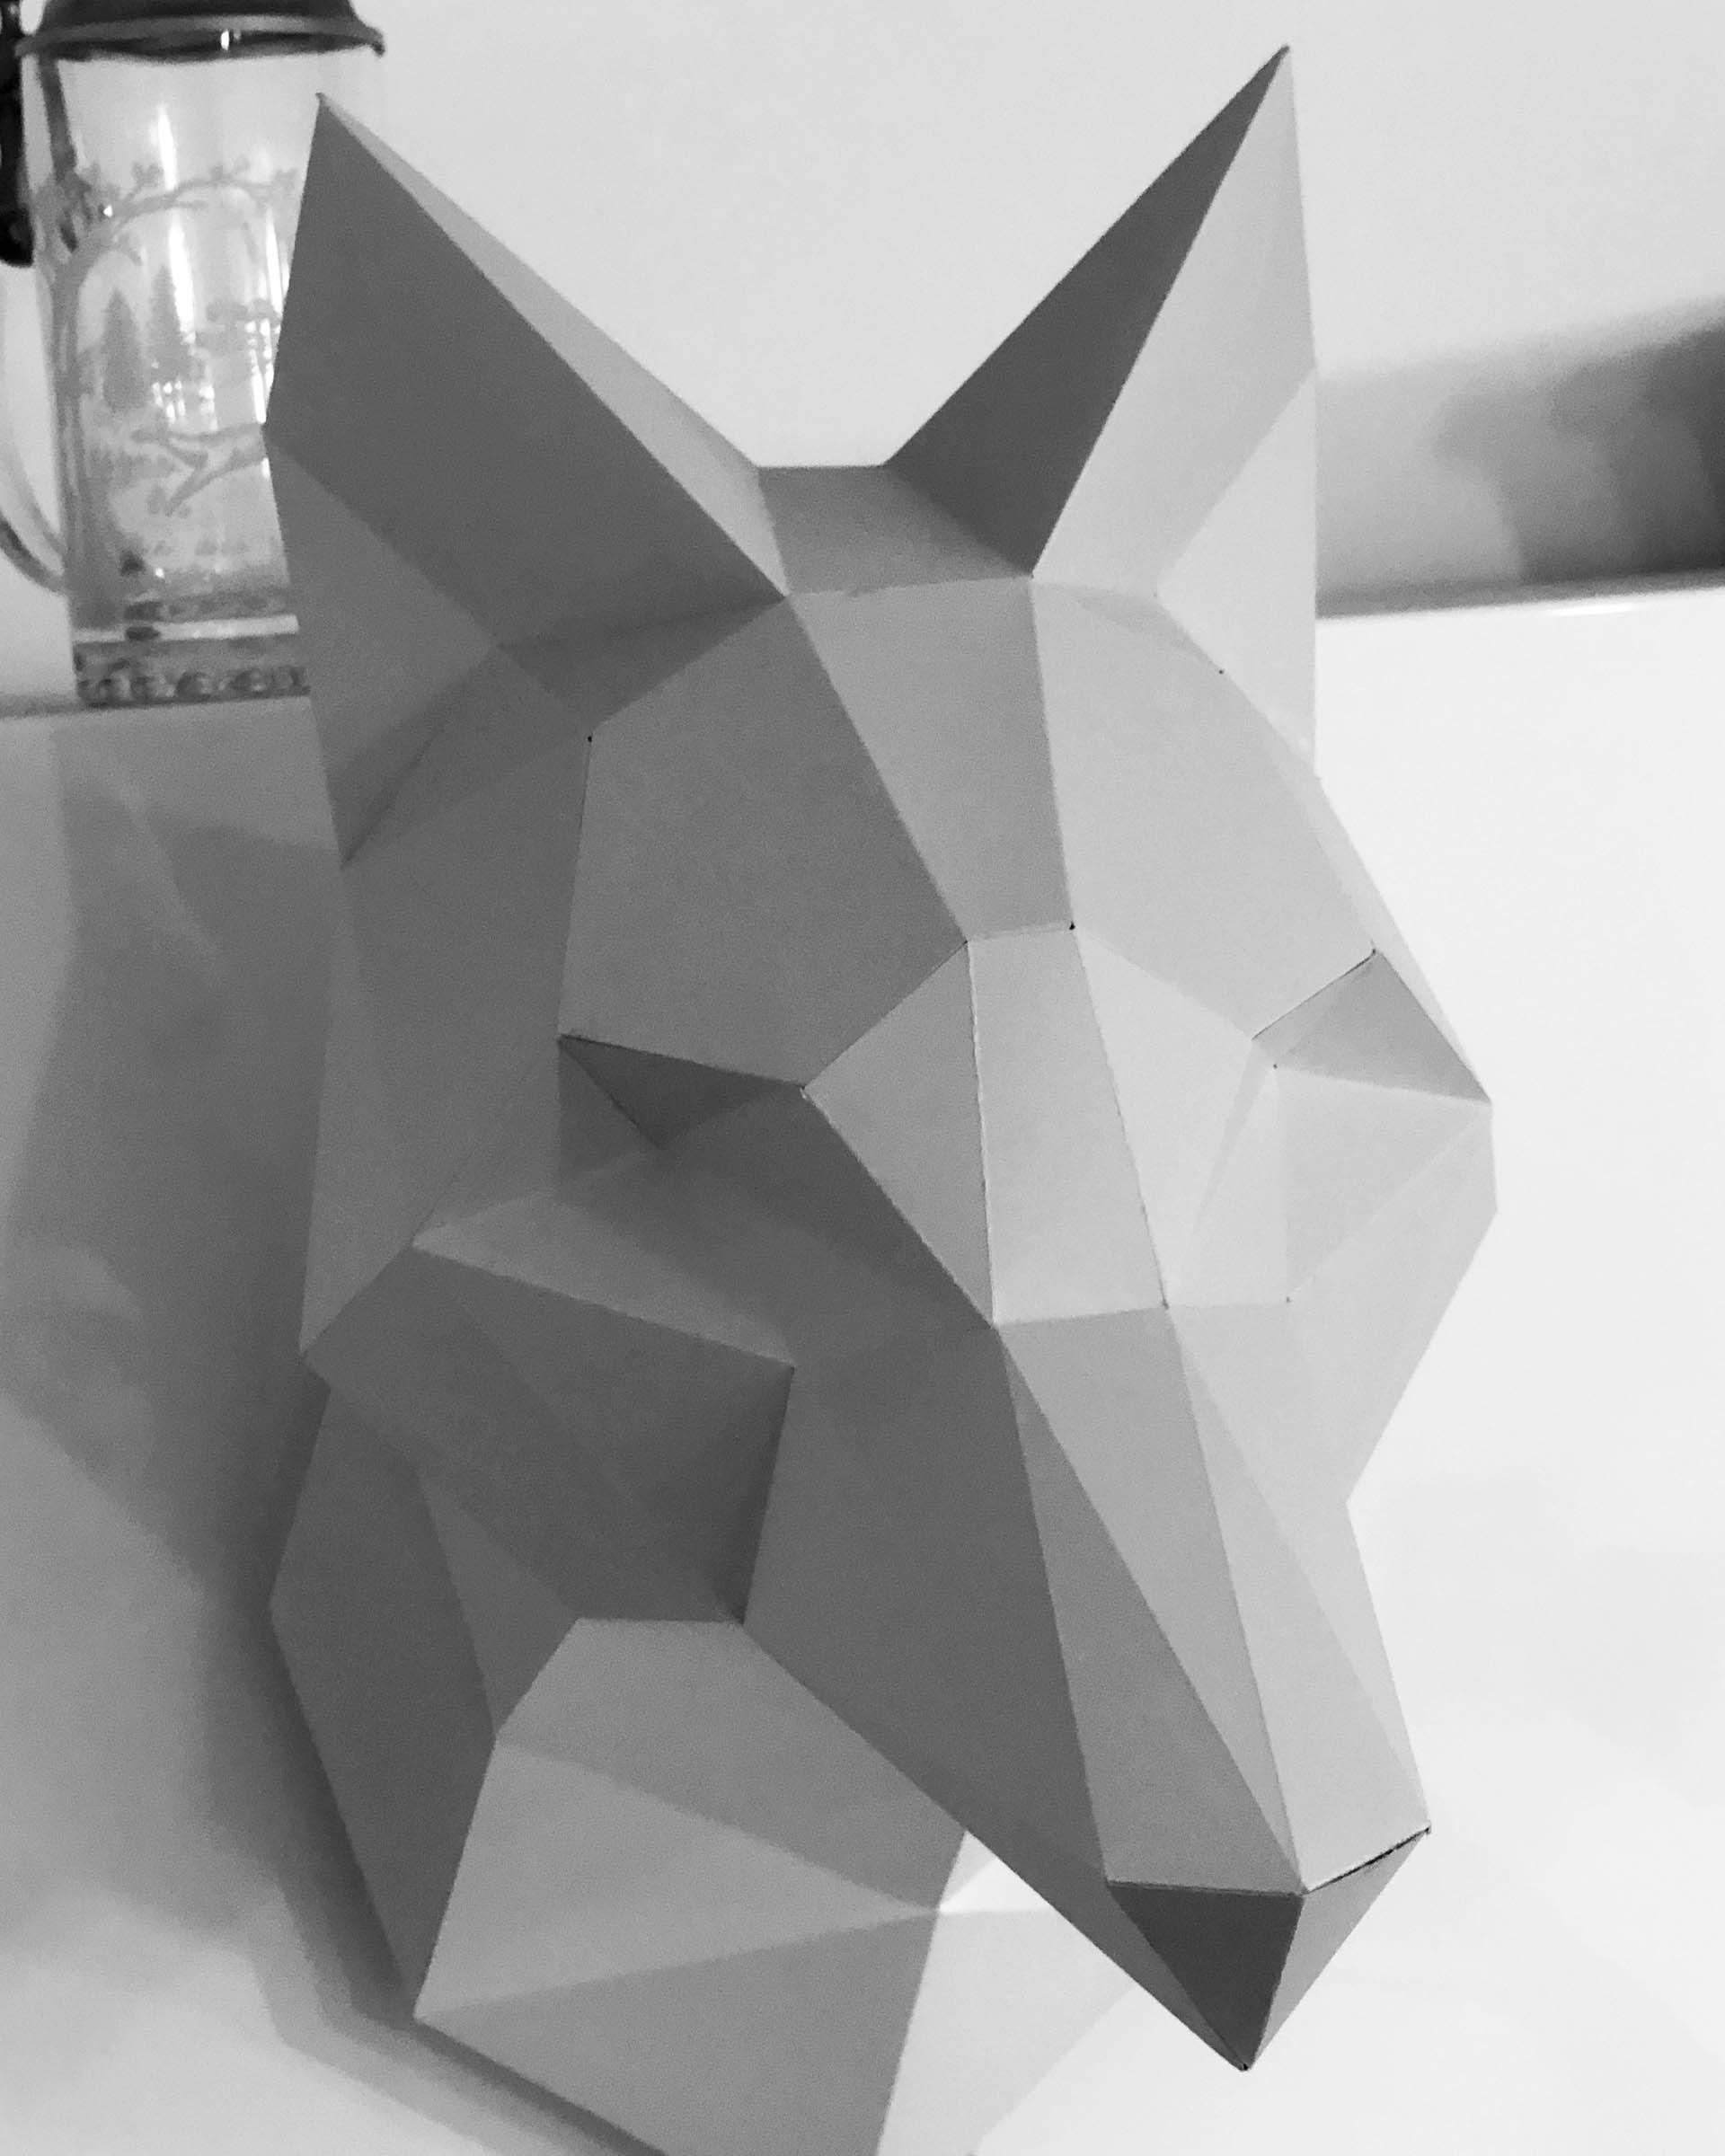 Papercraft - Ein Origami Fuchskopf aus Papier für deine Wand